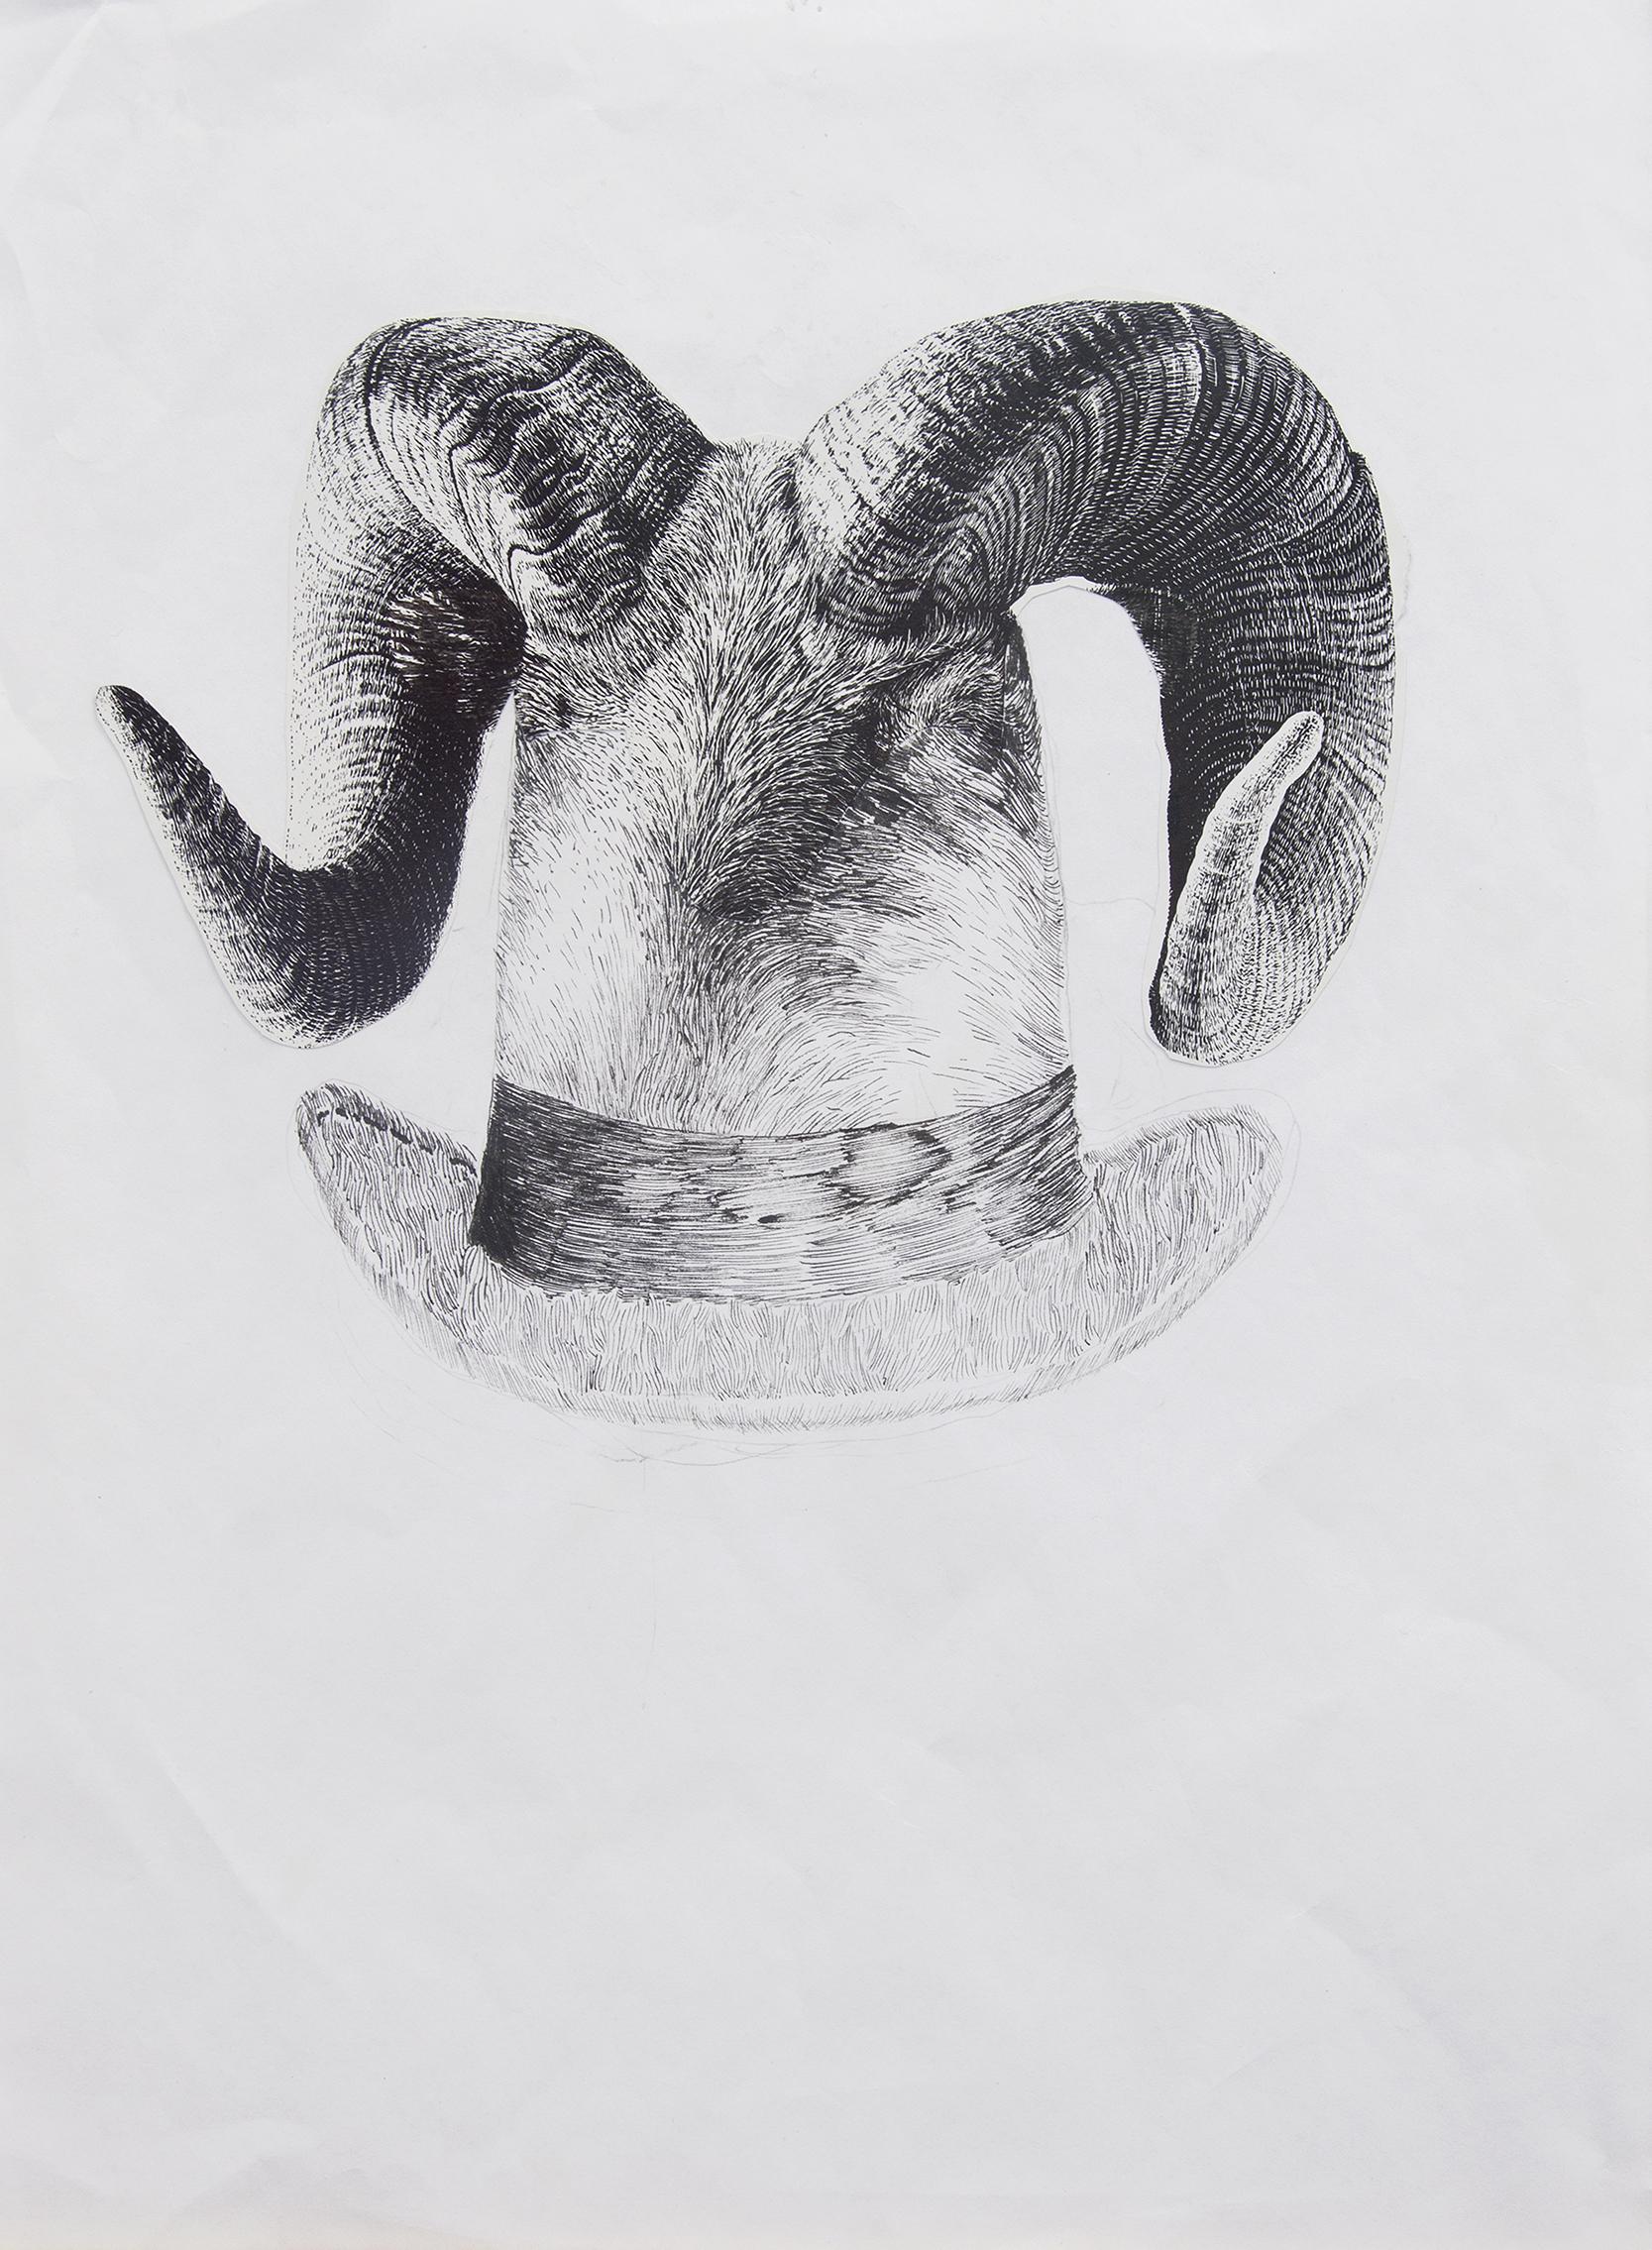 Untitled by Hans Borchrevink Hansen